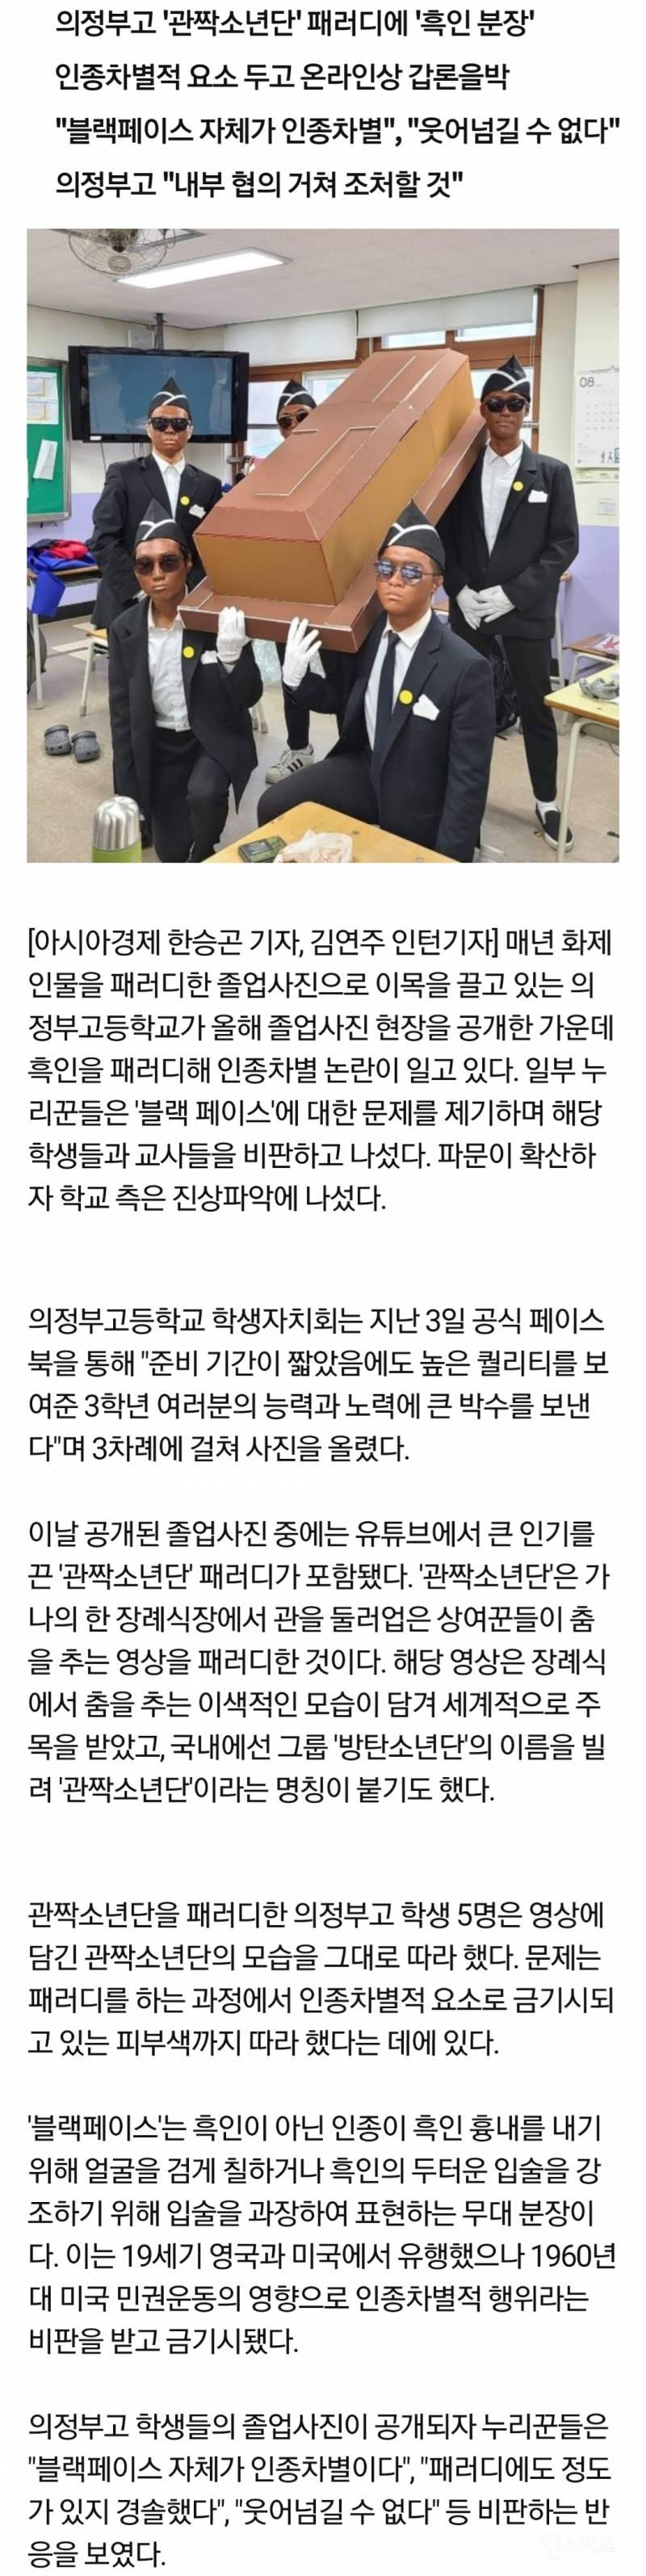 관짝소년단' 의정부고 선 넘은 패러디…'흑인분장' 논란 | 인스티즈